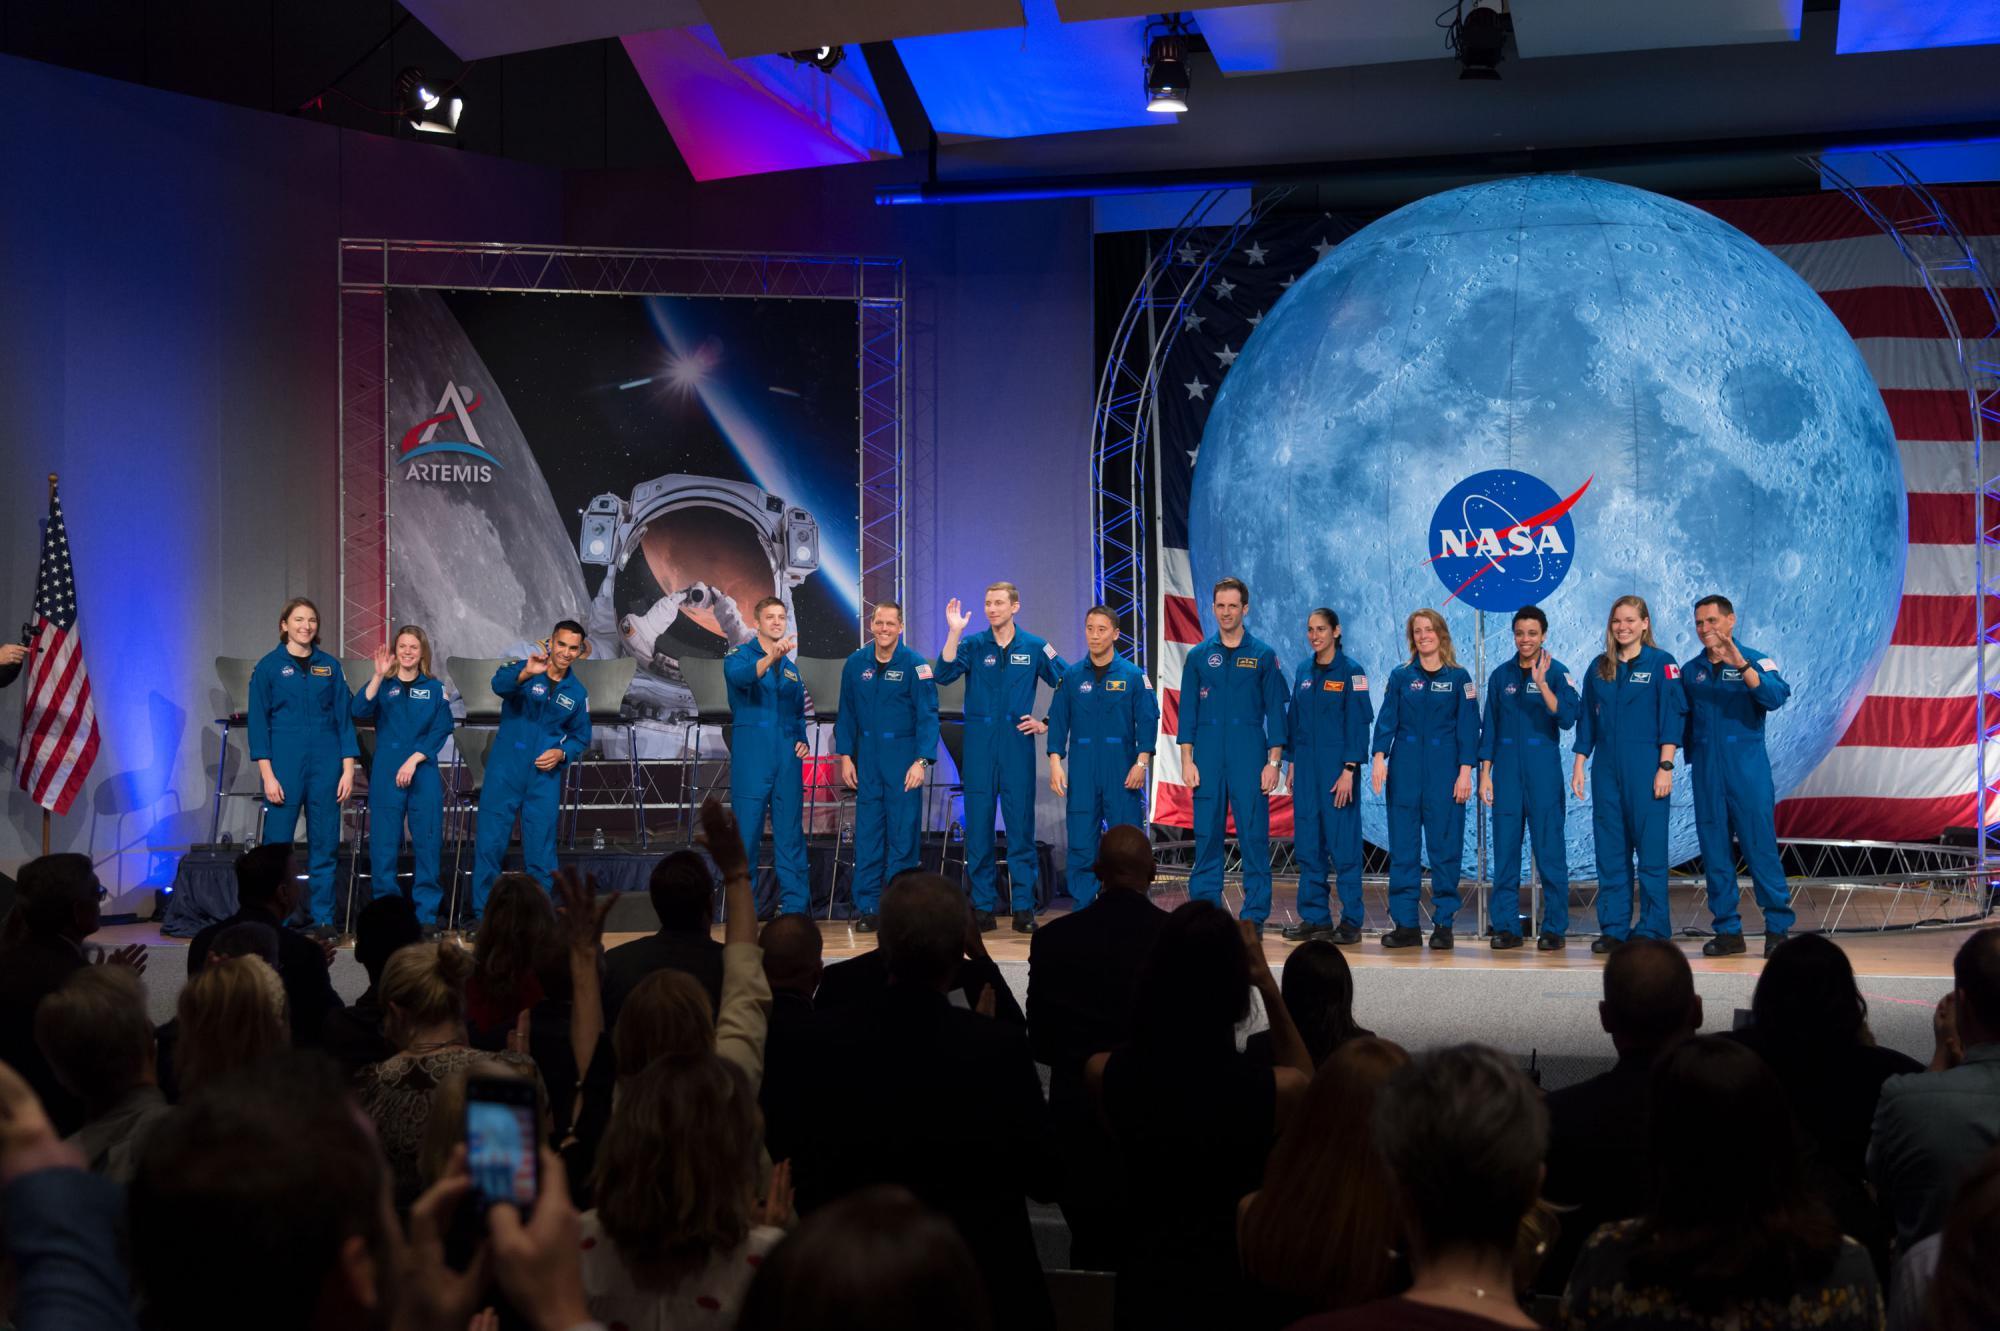 Al menos 12 países forman parte del programa Artemis, que aspira que una mujer pise la Luna en 2024.